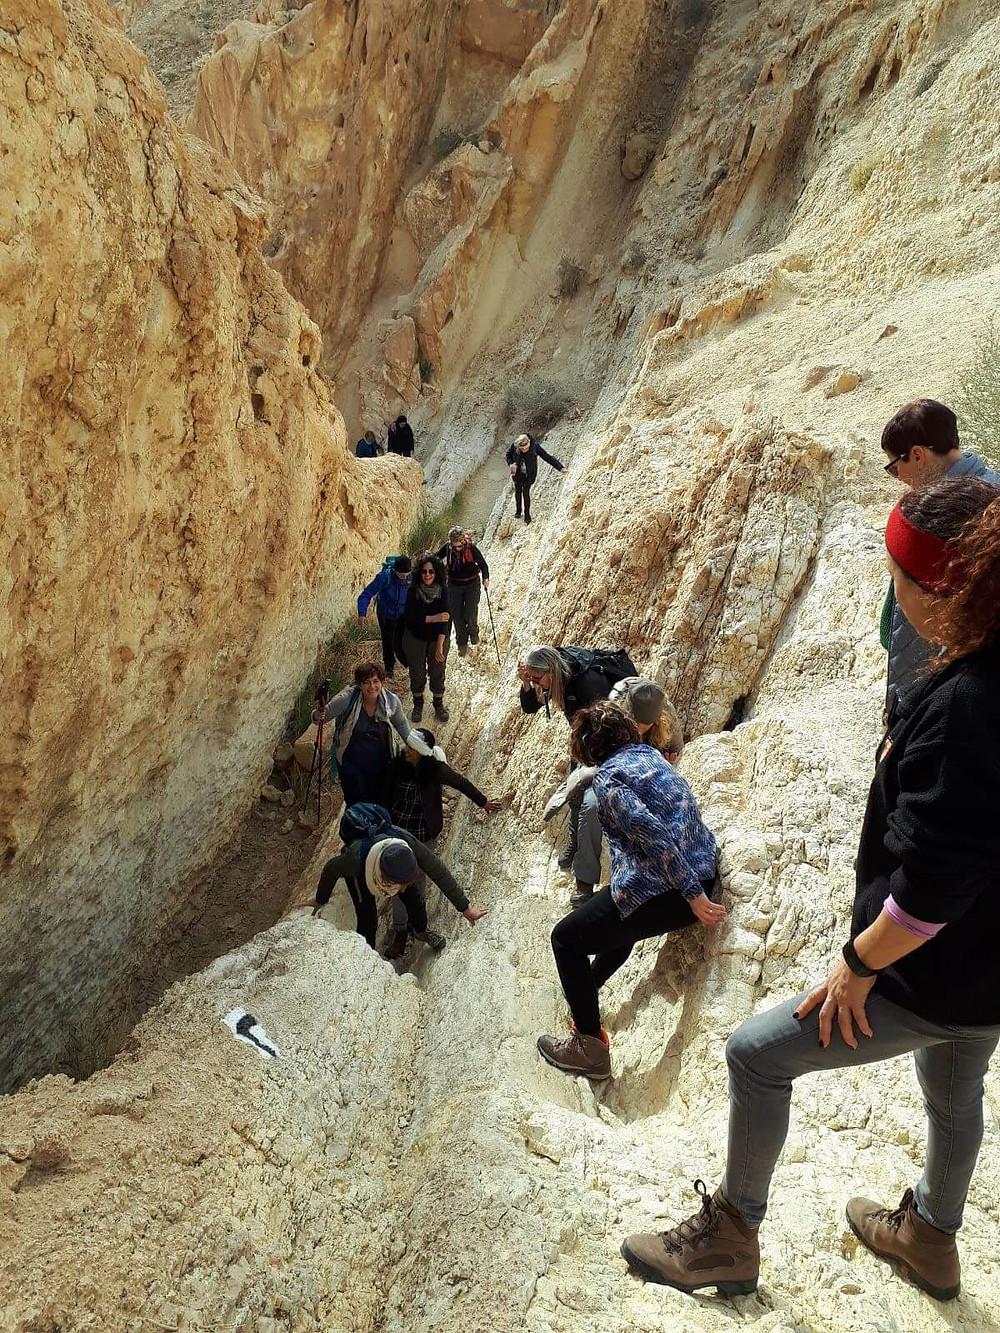 מאירות שביל ישראל עולות בסנפיר הגדול